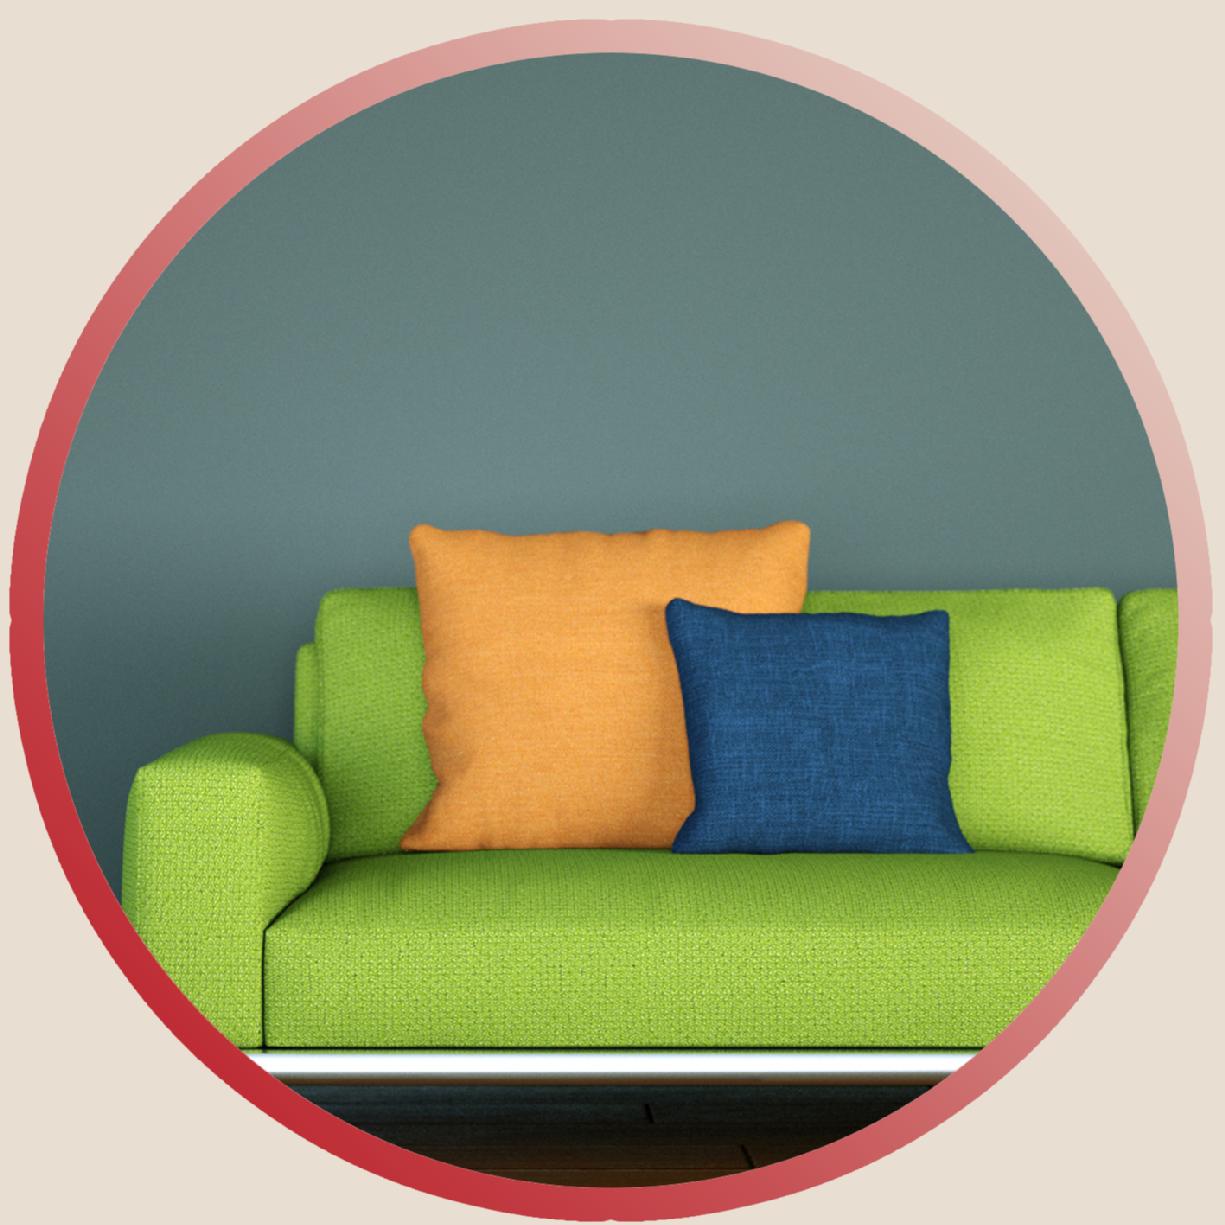 raumausstatter und polsterei steffens in aachen startseite. Black Bedroom Furniture Sets. Home Design Ideas